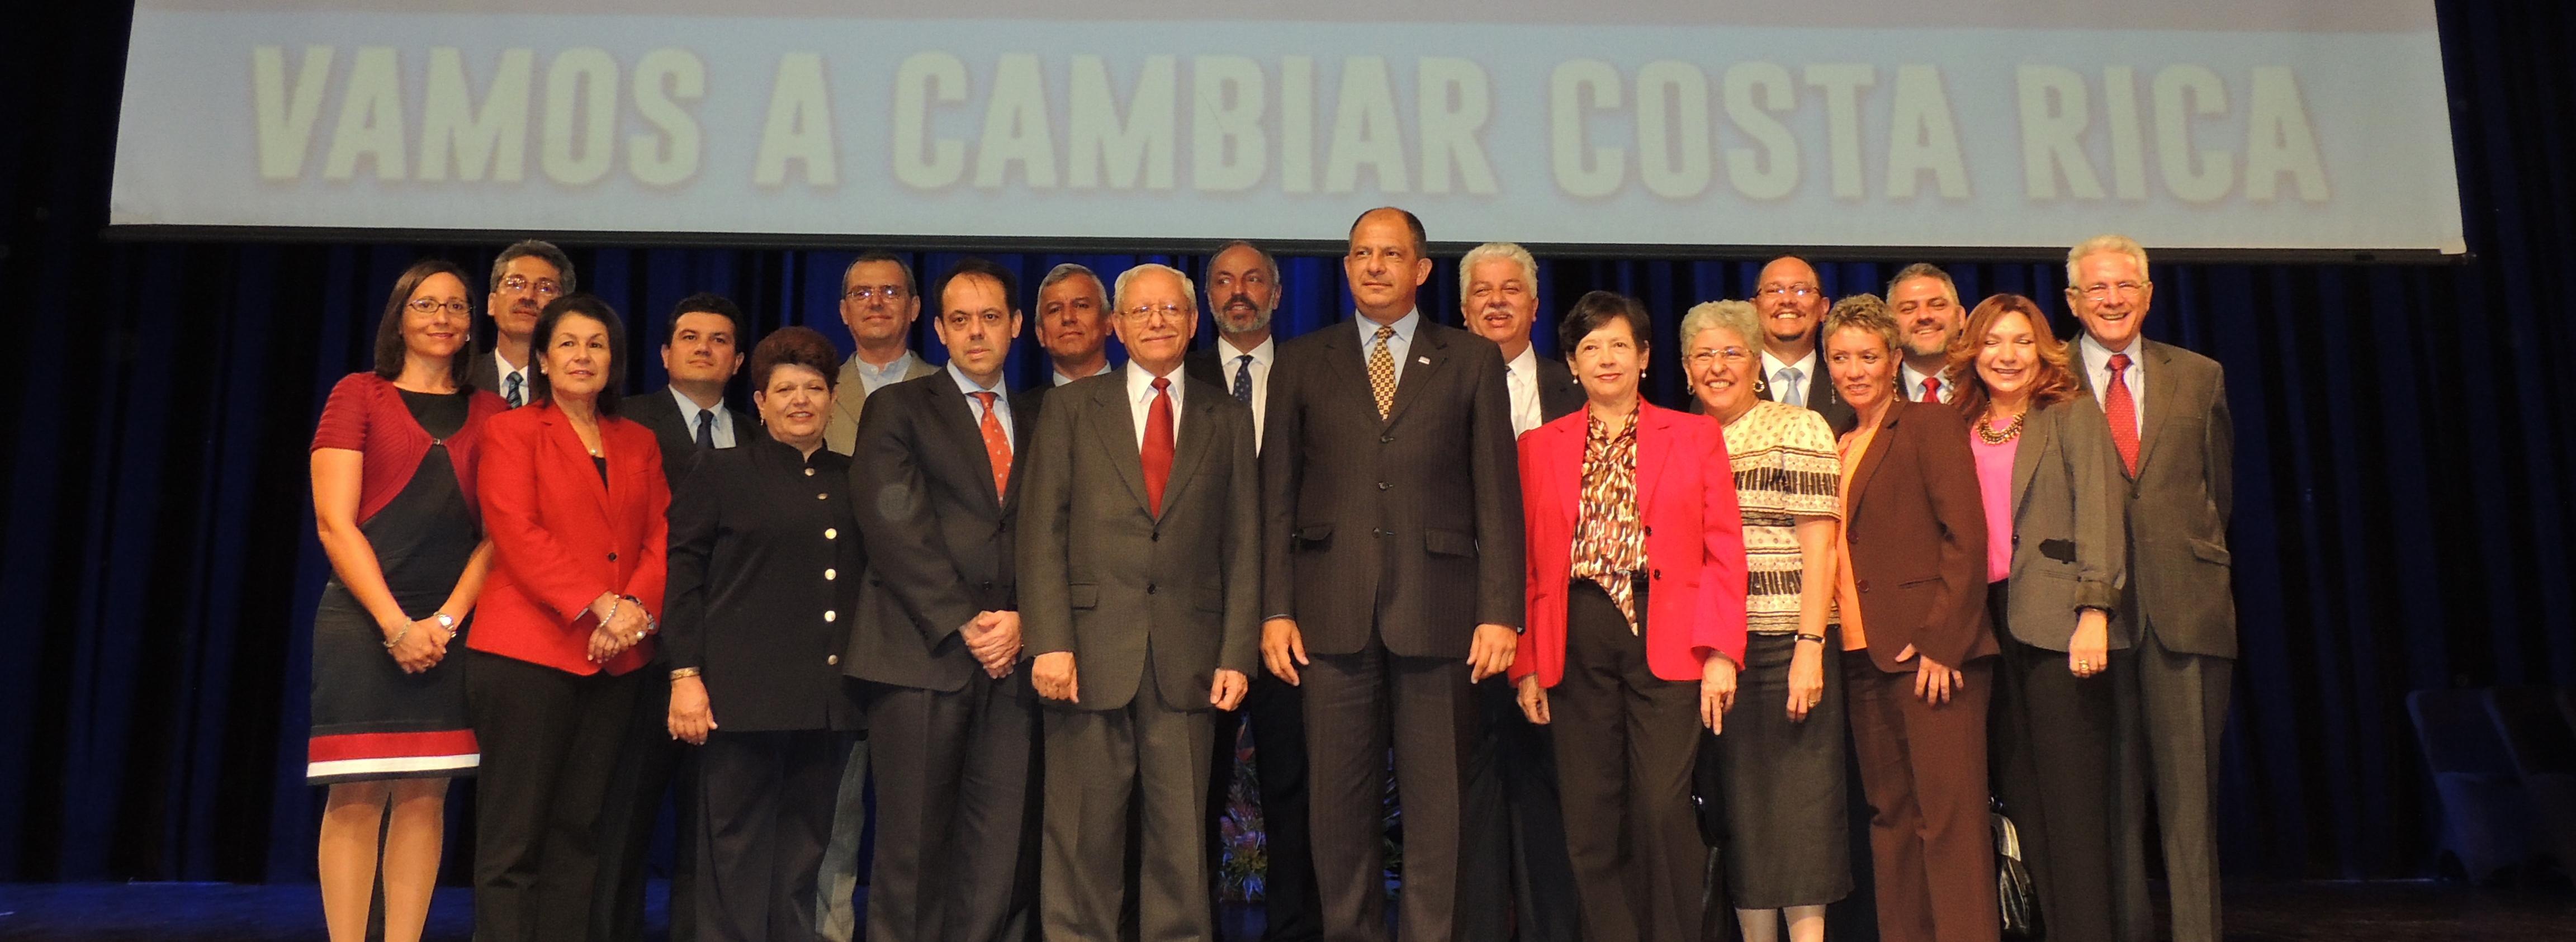 Archivo:Primera parte del gabinete de Luis Guillermo Solís.JPG ...